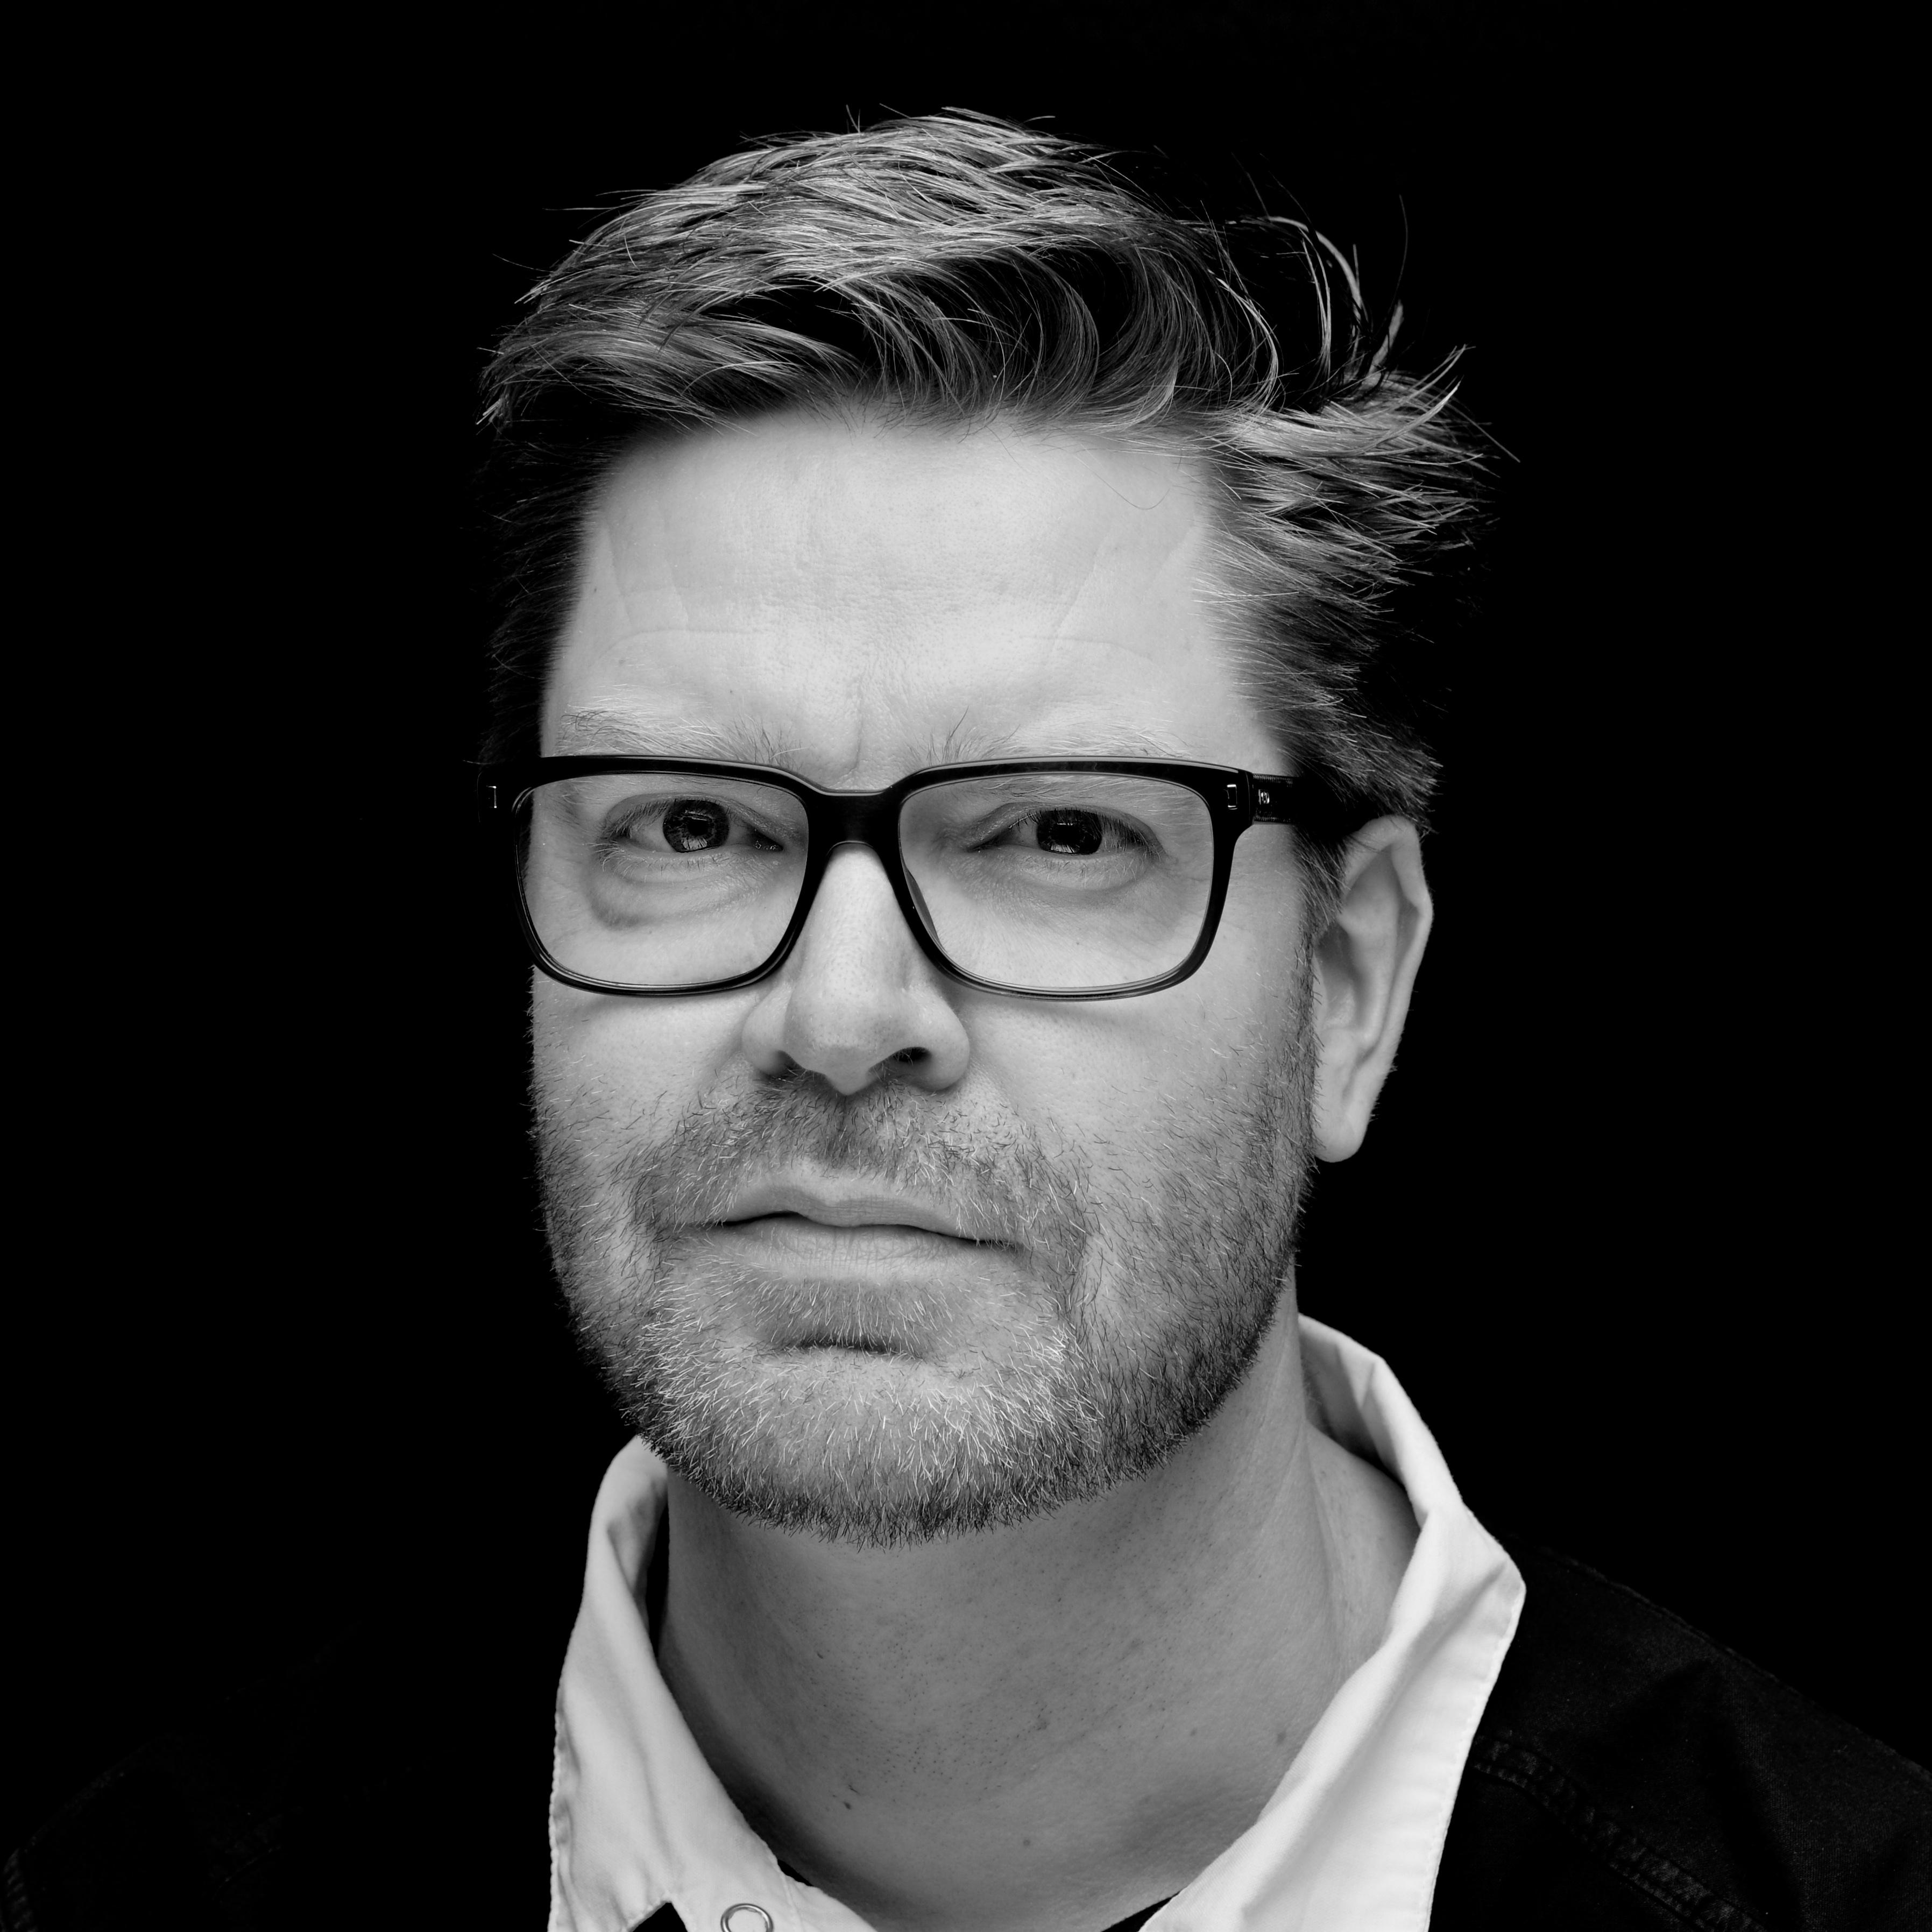 Kenneth Kristiansen var ferdig utdannet tanntekniker i 1991 f.kr. Kristiansen har vært i Lillestrøm Tannteknikk siden 2004. Som daglig leder har han hovedansvaret for den daglige driften og pasientoppfølging. Generell kompetanse: avtagbare- og keramiske tannerstatninger, samt implantatbaserte tannerstatninger. Spesialkompetanse: pasientrådgiving, behandlingsplanlegging, dental fotografering, digital designing, dentale materialer. Med sin spesialkompetanse (innen fotografering) holder Kenneth kurs og foredrag nasjonalt og internasjonalt. «Min verdi er å alltid lytte til pasienten sine ønsker, behov og forventninger. Yrkesstoltheten min ligger i gjøre det maksimale ut av hvert arbeide, slik at våre produkter overgår pasientens forventninger. For oss er hver pasient unik, og hver pasient skal få unik behandling.»